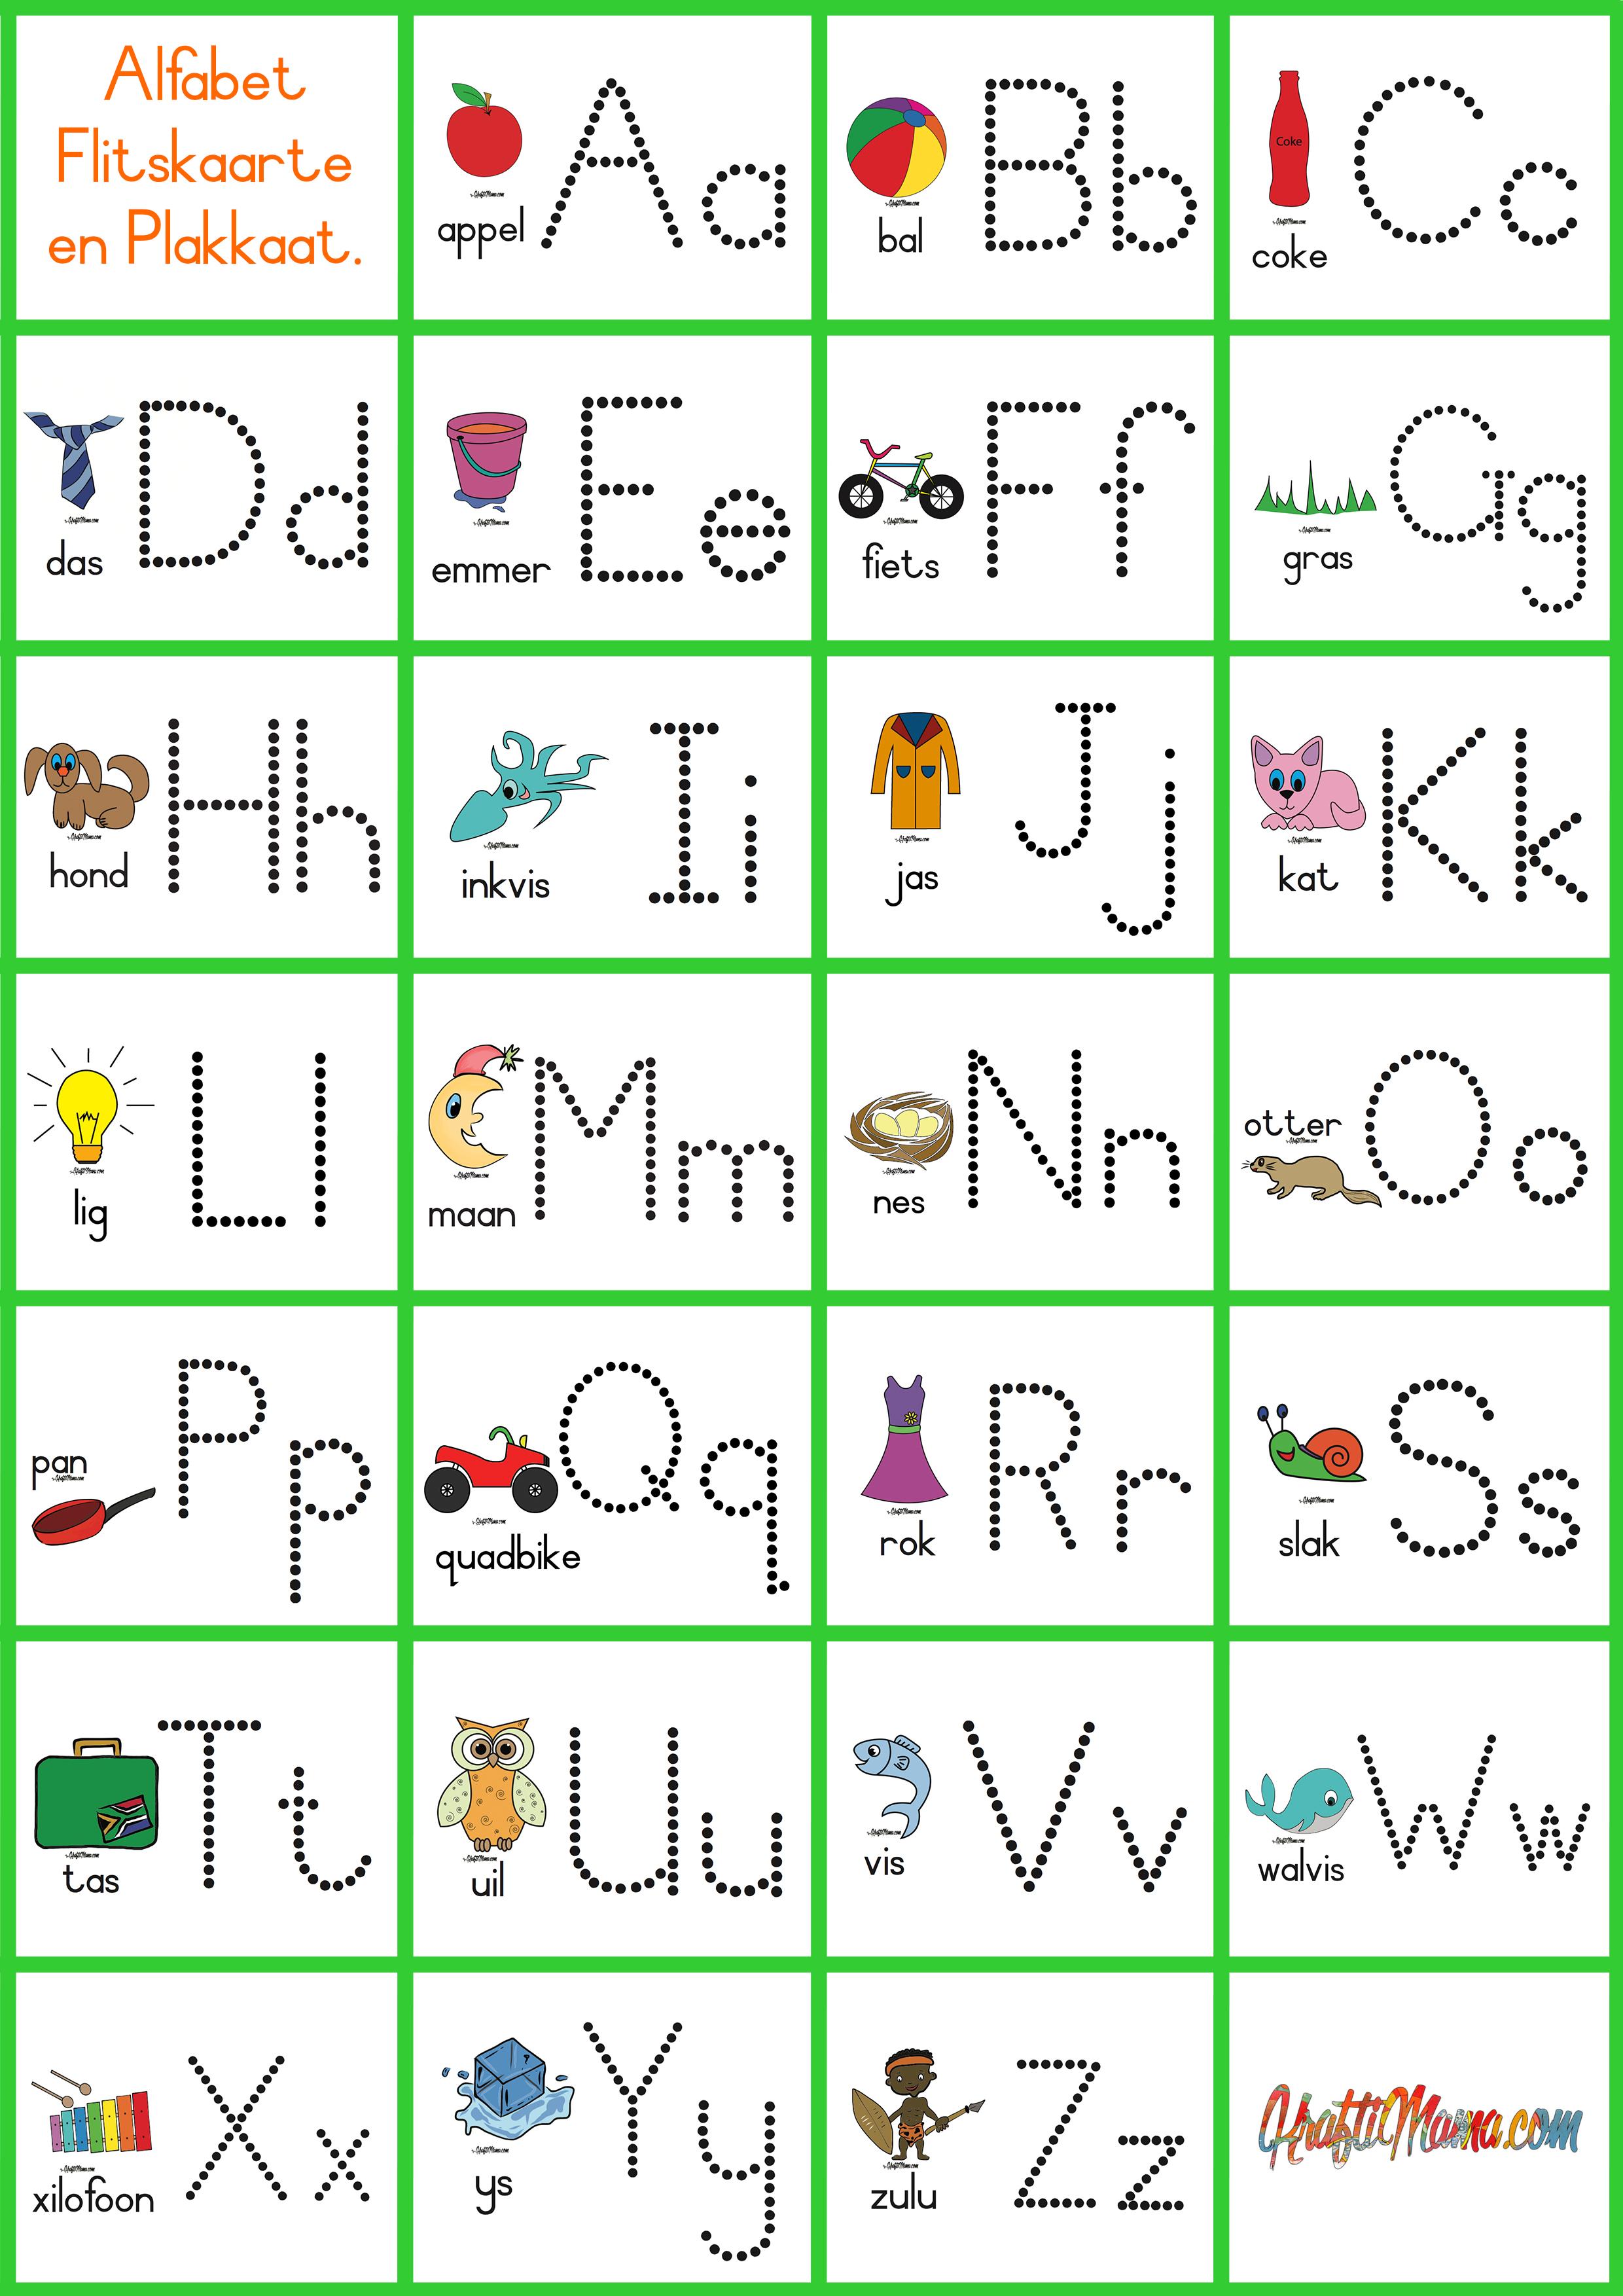 Alfabet Flitskaarte Verniet Kraftimama